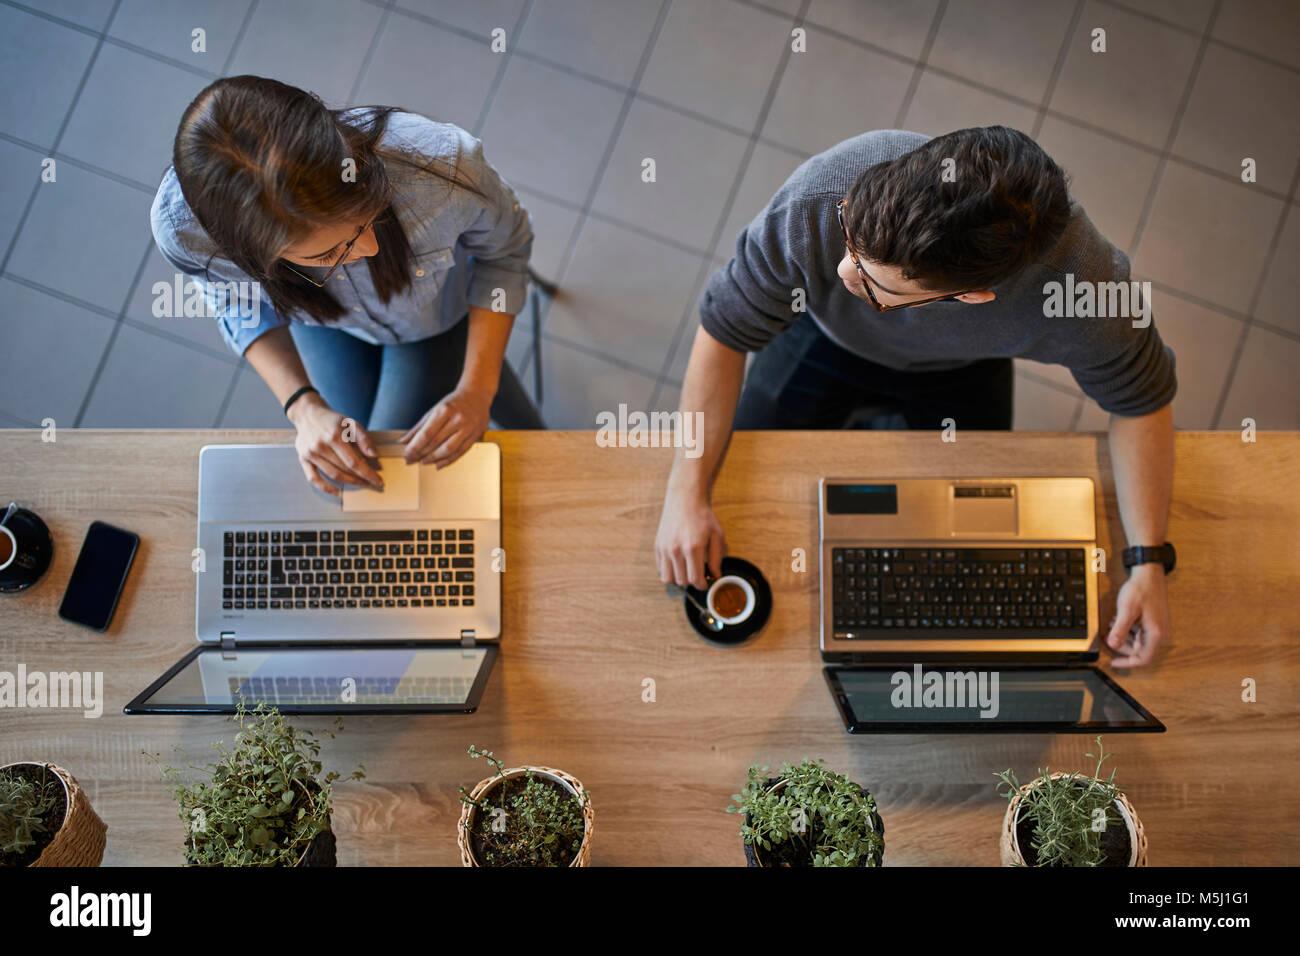 Blick von oben auf die junge Frau und Mann in einem Cafe mit eigenem Laptop diskutieren Stockbild